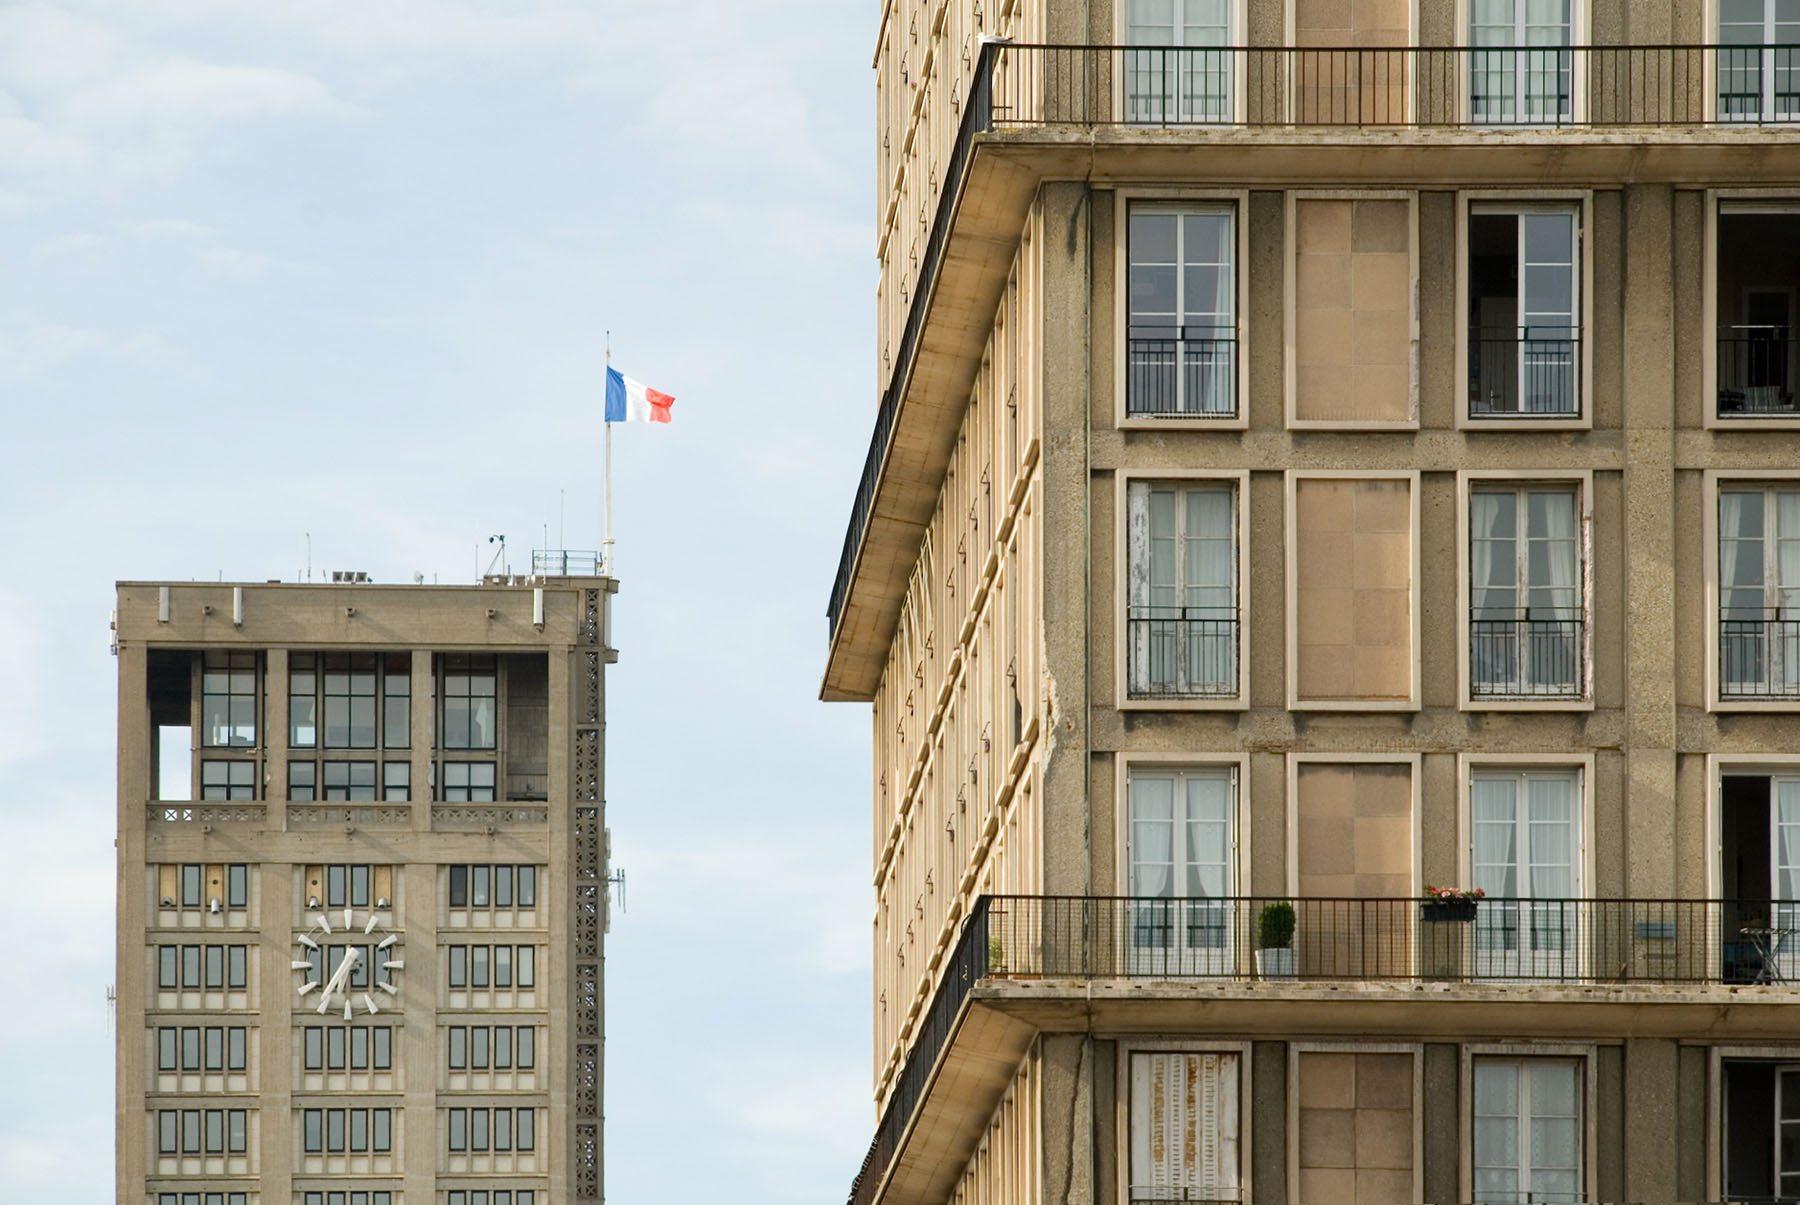 Hôtel-de-Ville du Havre. Alle Bauten des monumentalen Dreiecks folgen einem streng modernen übergeordneten Leitbild.